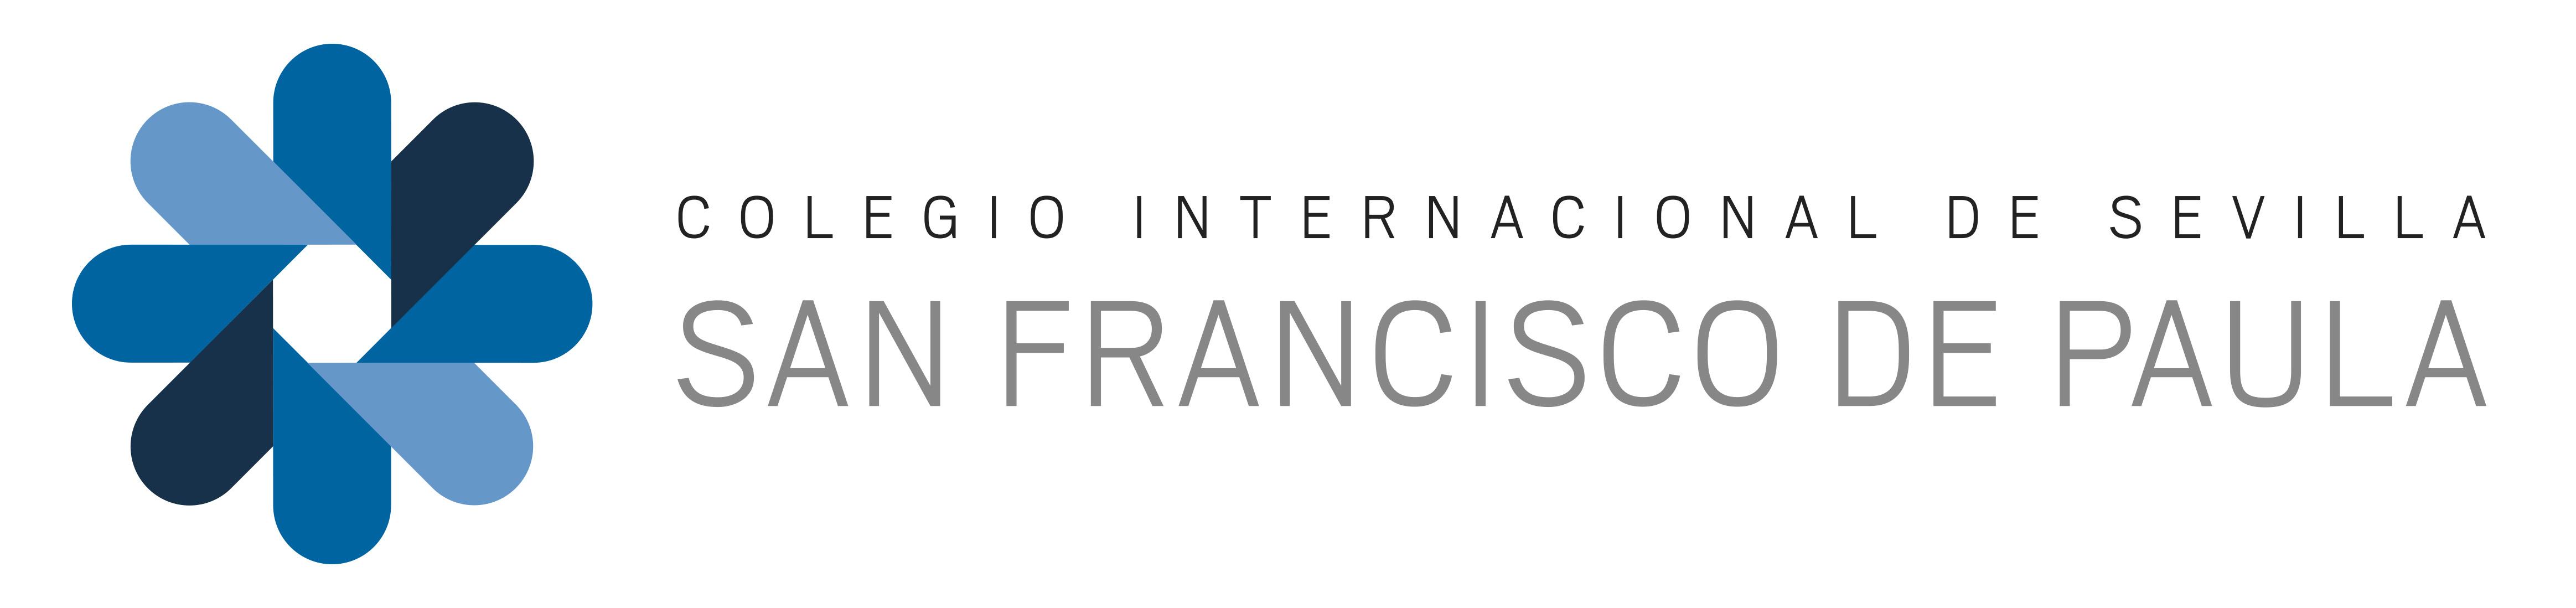 NOTA DE PRENSA: UN EQUIPO DE ALUMNOS DEL COLEGIO DE SAN FRANCISCO DE PAULA REPRESENTARÁ A ESPAÑA EN LA FASE INTERNACIONAL DE LA OLIMPIADA CIENTÍFICA EUROPEA QUE SE CELEBRARÁ EN ESLOVENIA